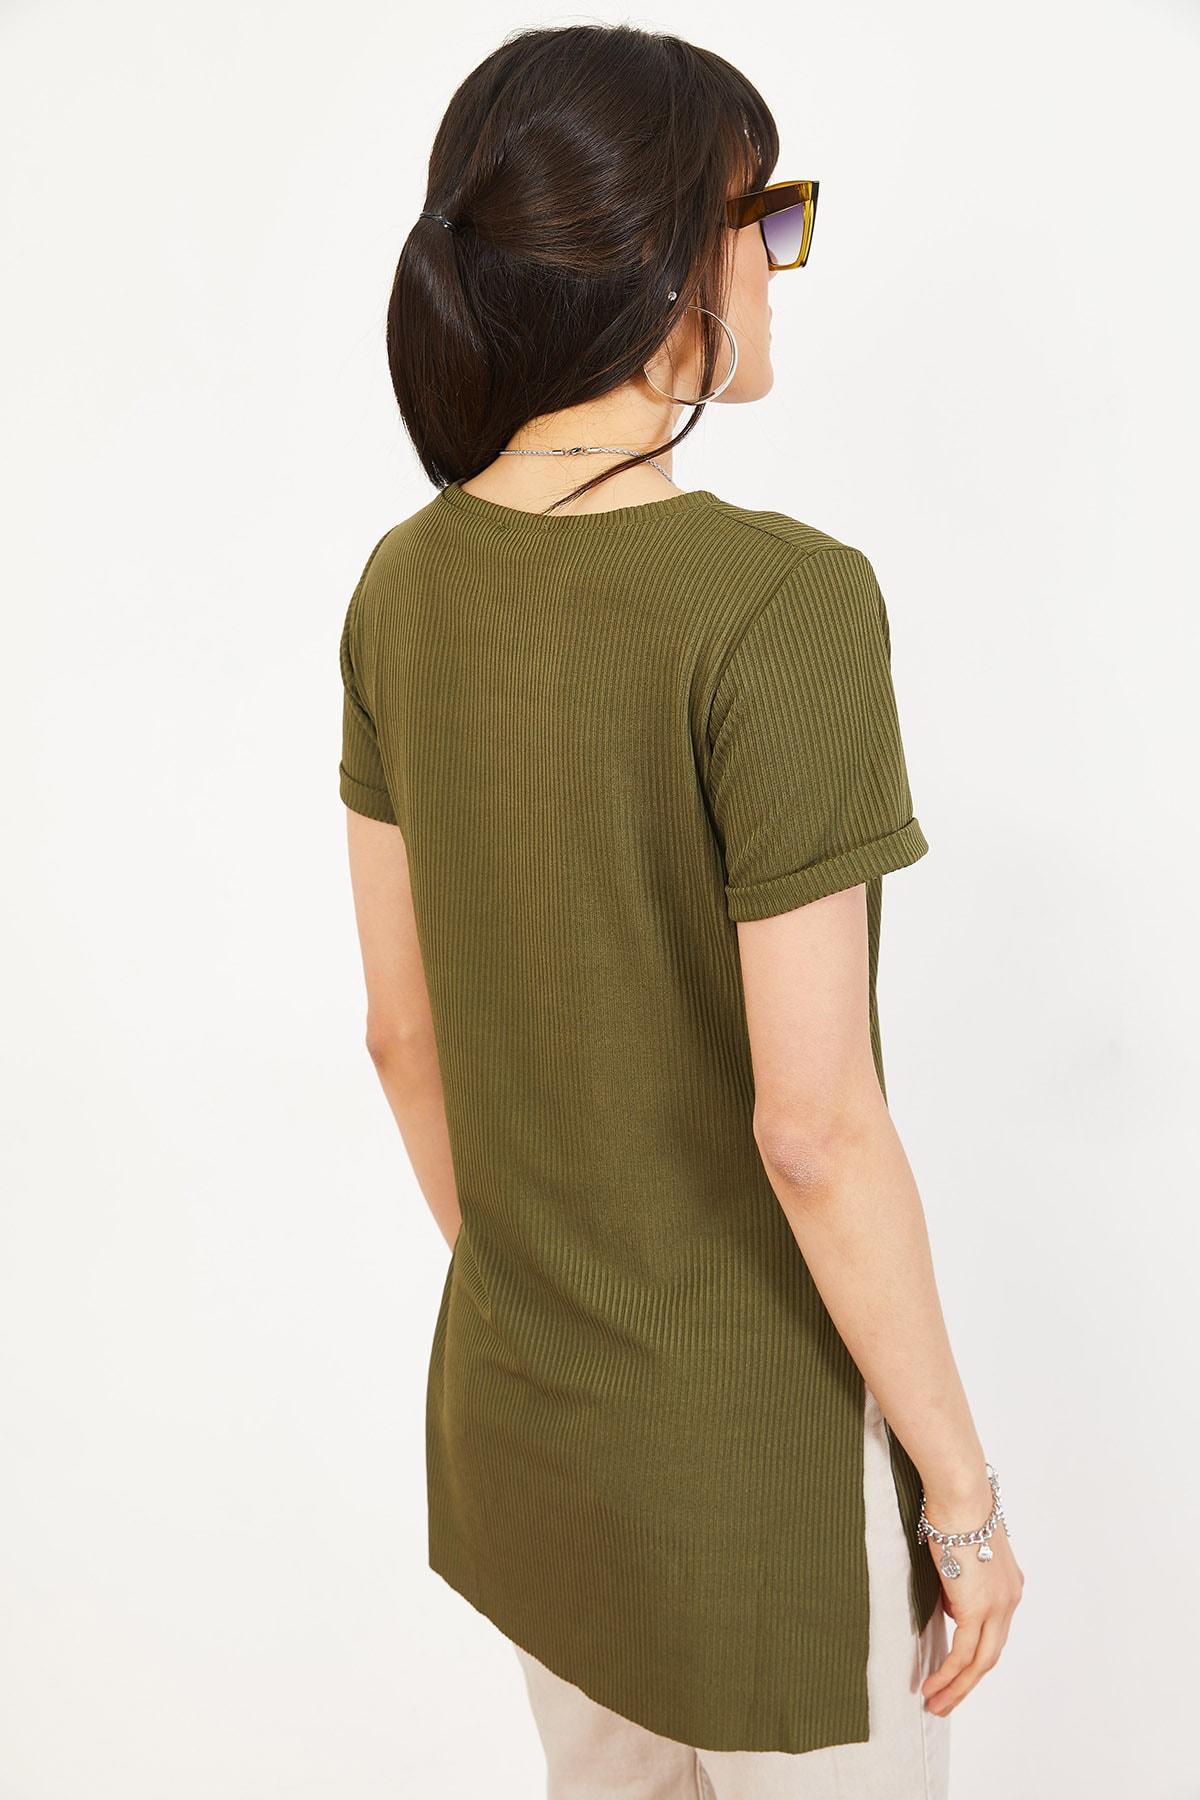 Bianco Lucci Kadın Yeşil Kol Yan Yırtmaçlı Kol Detay Kaşkorse T-Shirt 10051012 3